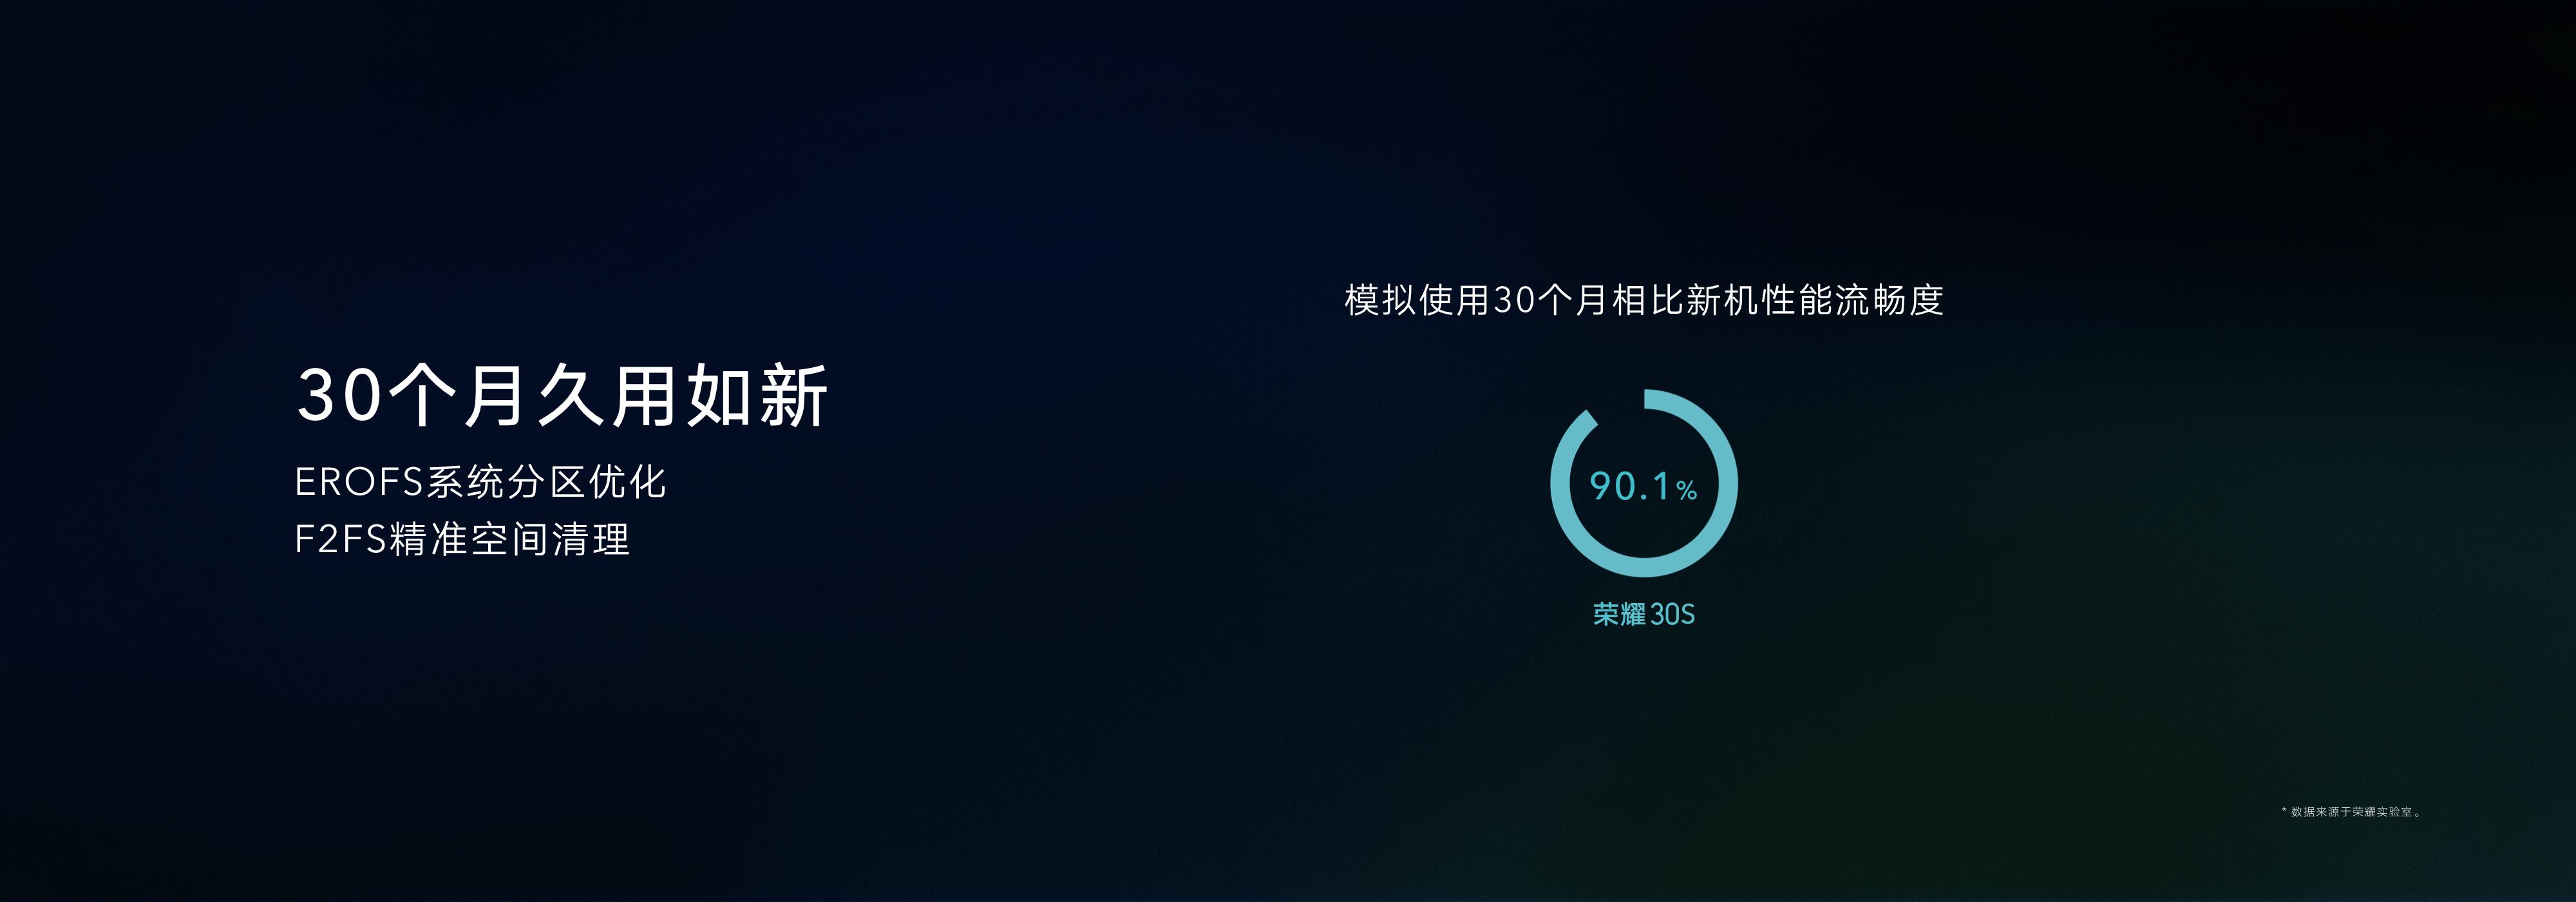 荣耀30S发布会胶片.048.jpeg